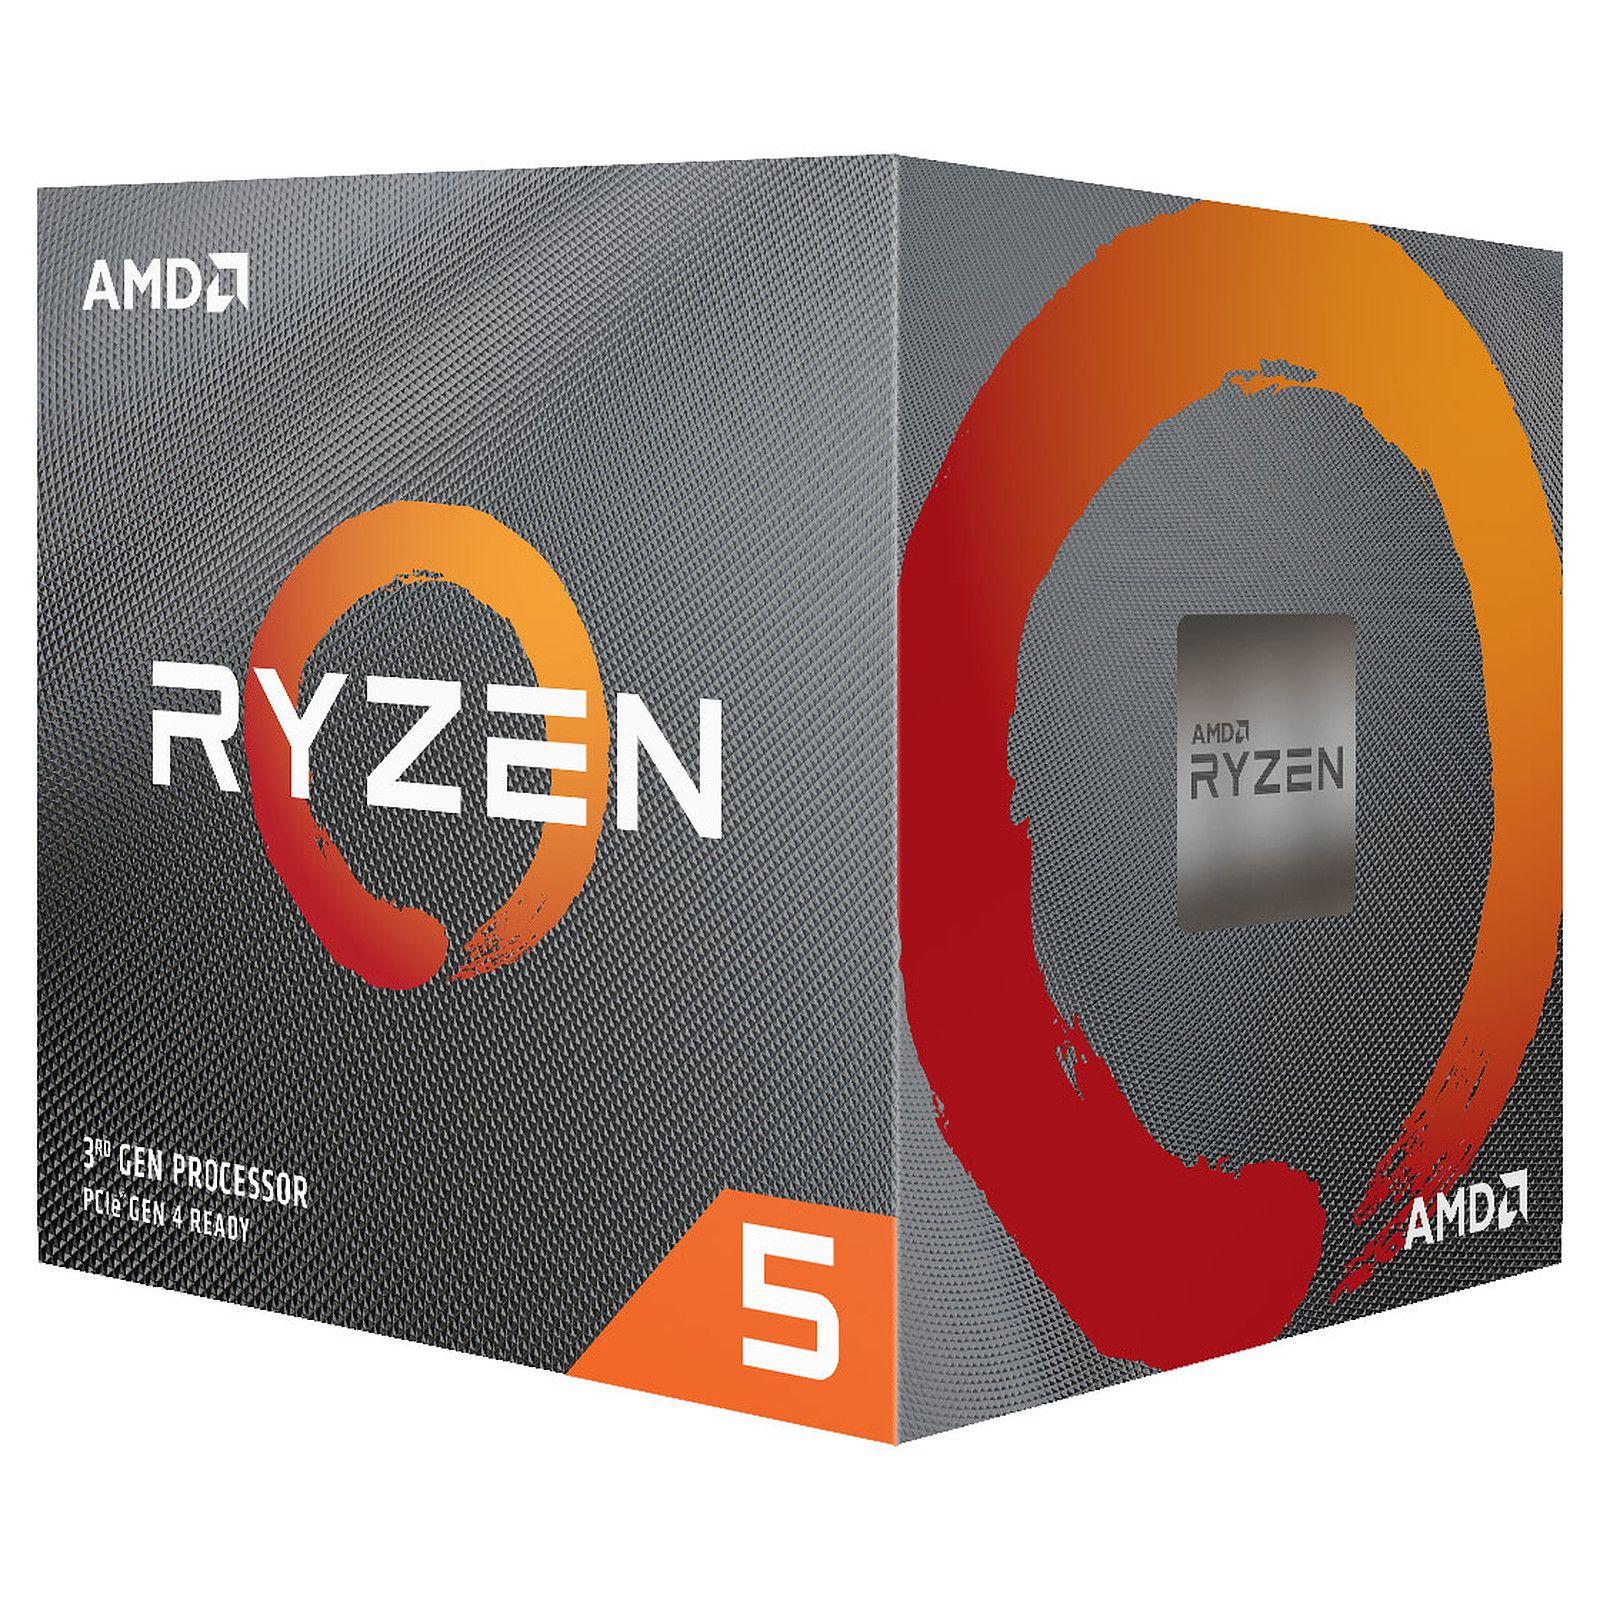 AMD Ryzen 5 3600 Prozessor Boxed (6-Core, 3.6GHz, Socket AM4)